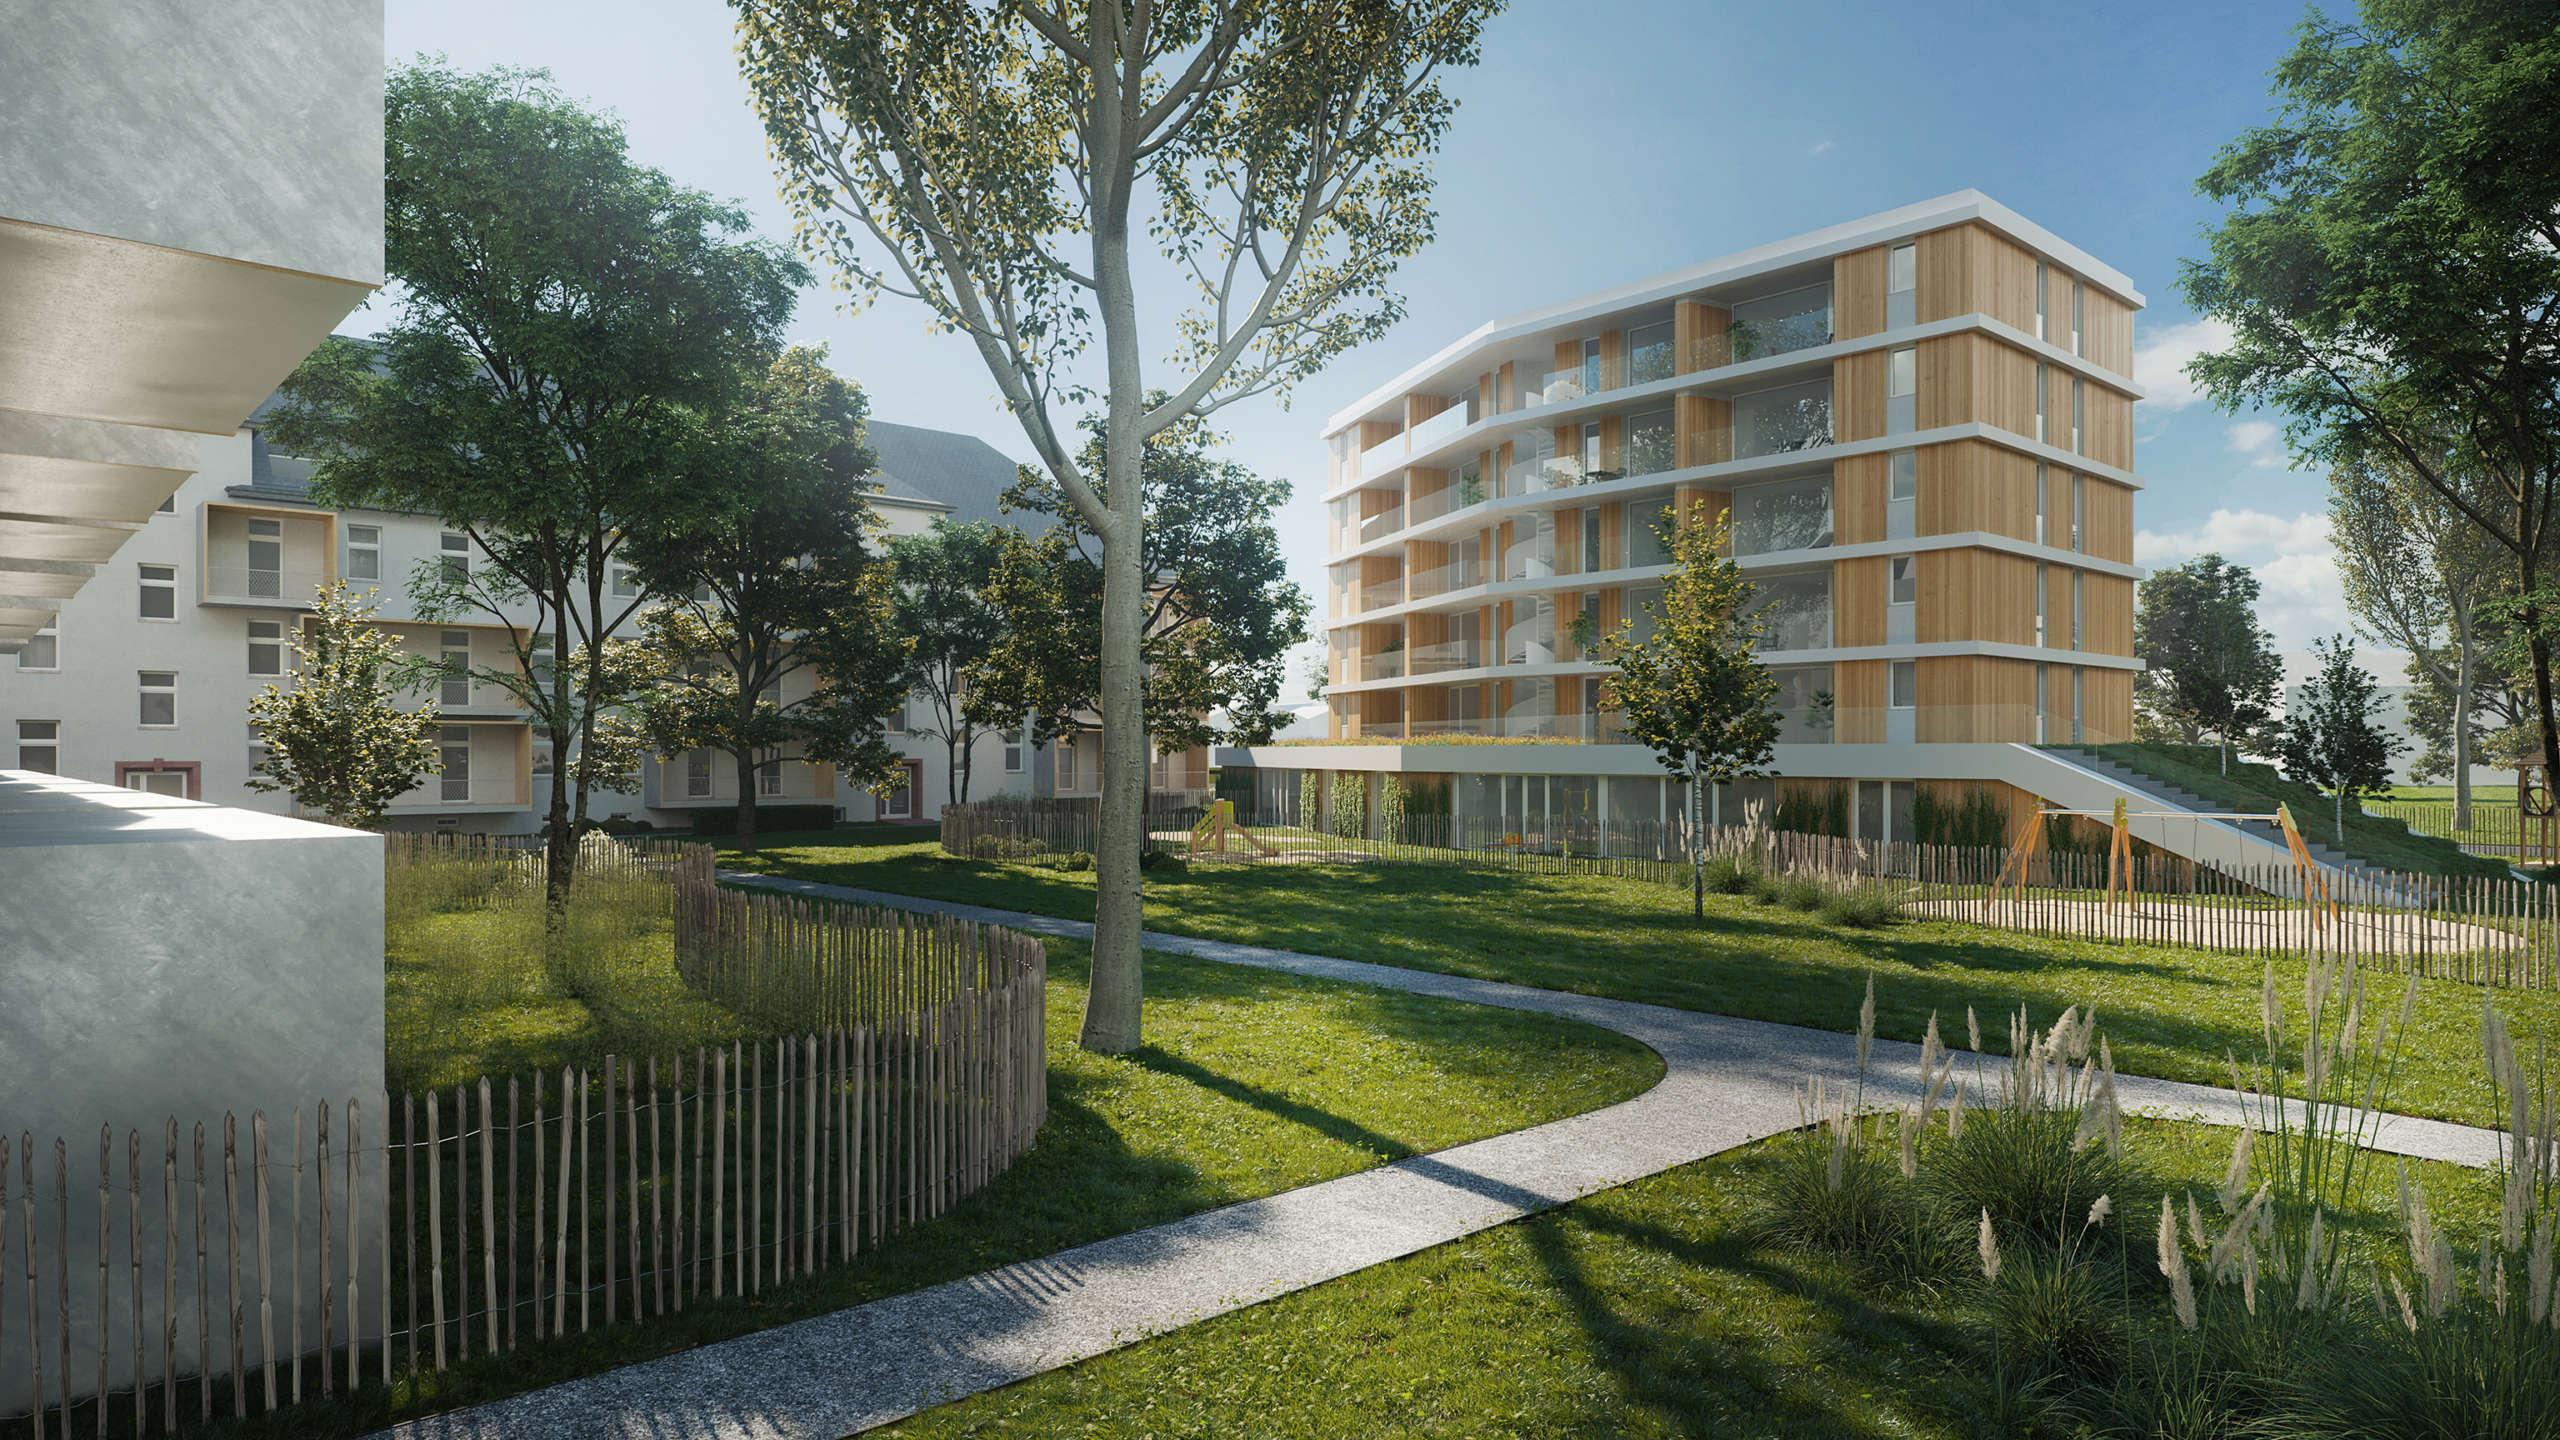 Wohnbau Und Kindertagesstaette Kastel Housing Lead Image